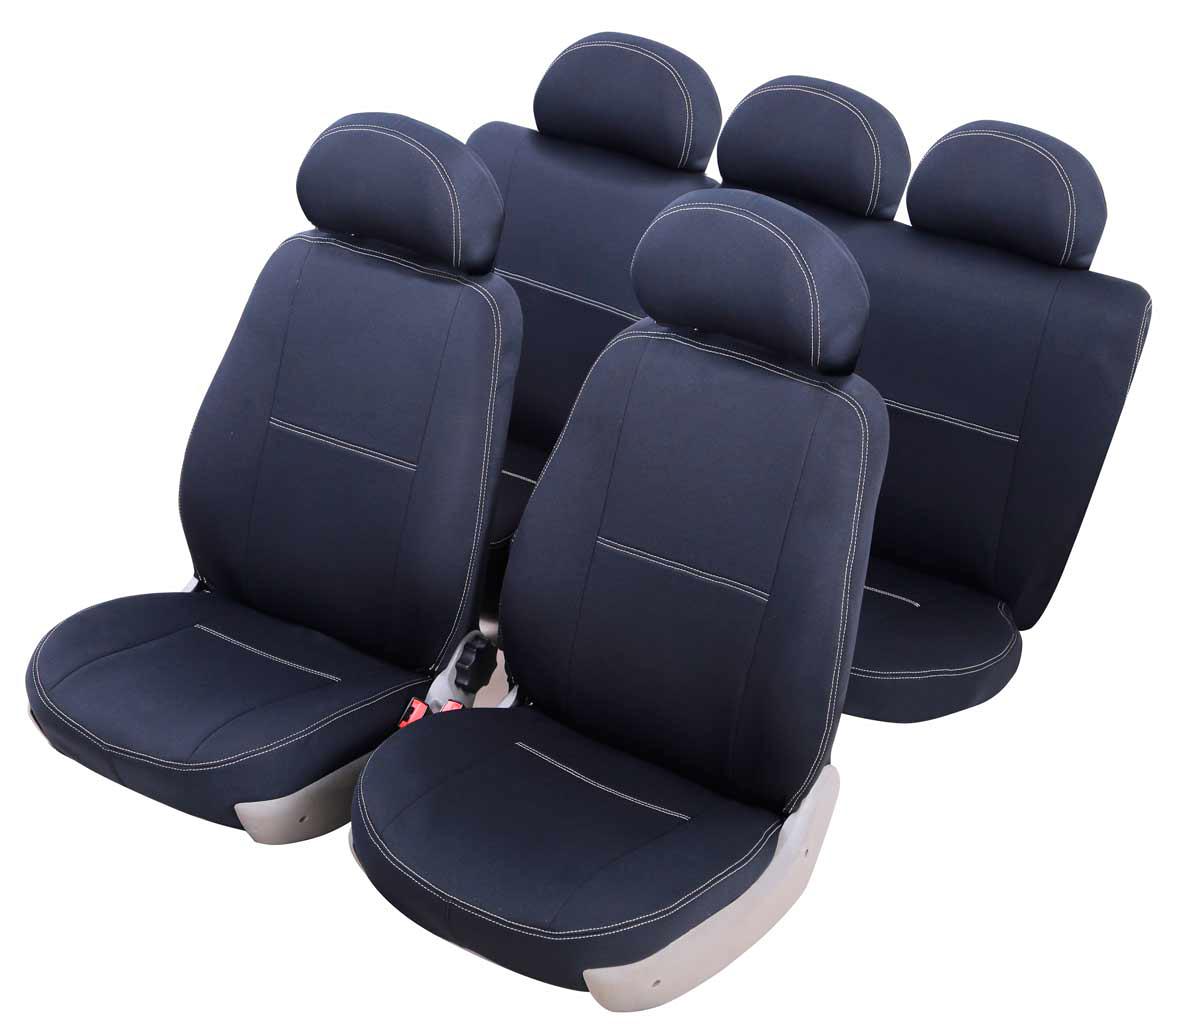 Чехлы на автокресло Azard Standard для Lada 2190 Гранта (2011-н.в), седан, слитный задний рядFS-80423Модельные чехлы из полиэстера Azard Standard. Разработаны в РФ индивидуально для каждого автомобиля.Чехлы Azard Standard серийно выпускаются на собственном швейном производстве в России.Чехлы идеально повторяют штатную форму сидений и выглядят как оригинальная обивка сидений. Для простоты установки используется липучка Velcro, учтены все технологические отверстия.Чехлы сохраняют полную функциональность салона - трансформация сидений, возможность установки детских кресел ISOFIX, не препятствуют работе подушек безопасности AIRBAG и подогрева сидений.Дизайн чехлов Azard Standard приближен к оригинальной обивке салона. Декоративная контрастная прострочка по периметру авточехлов придает стильный и изысканный внешний вид интерьеру автомобиля.Чехлы Azard Standard изготовлены из полиэстера, триплированного огнеупорным поролоном толщиной 3 мм, за счет чего чехол приобретает дополнительную мягкость. Подложка из спандбонда сохраняет свойства поролона и предотвращает его разрушение.Авточехлы Azard Standard просты в уходе - загрязнения легко удаляются влажной тканью.